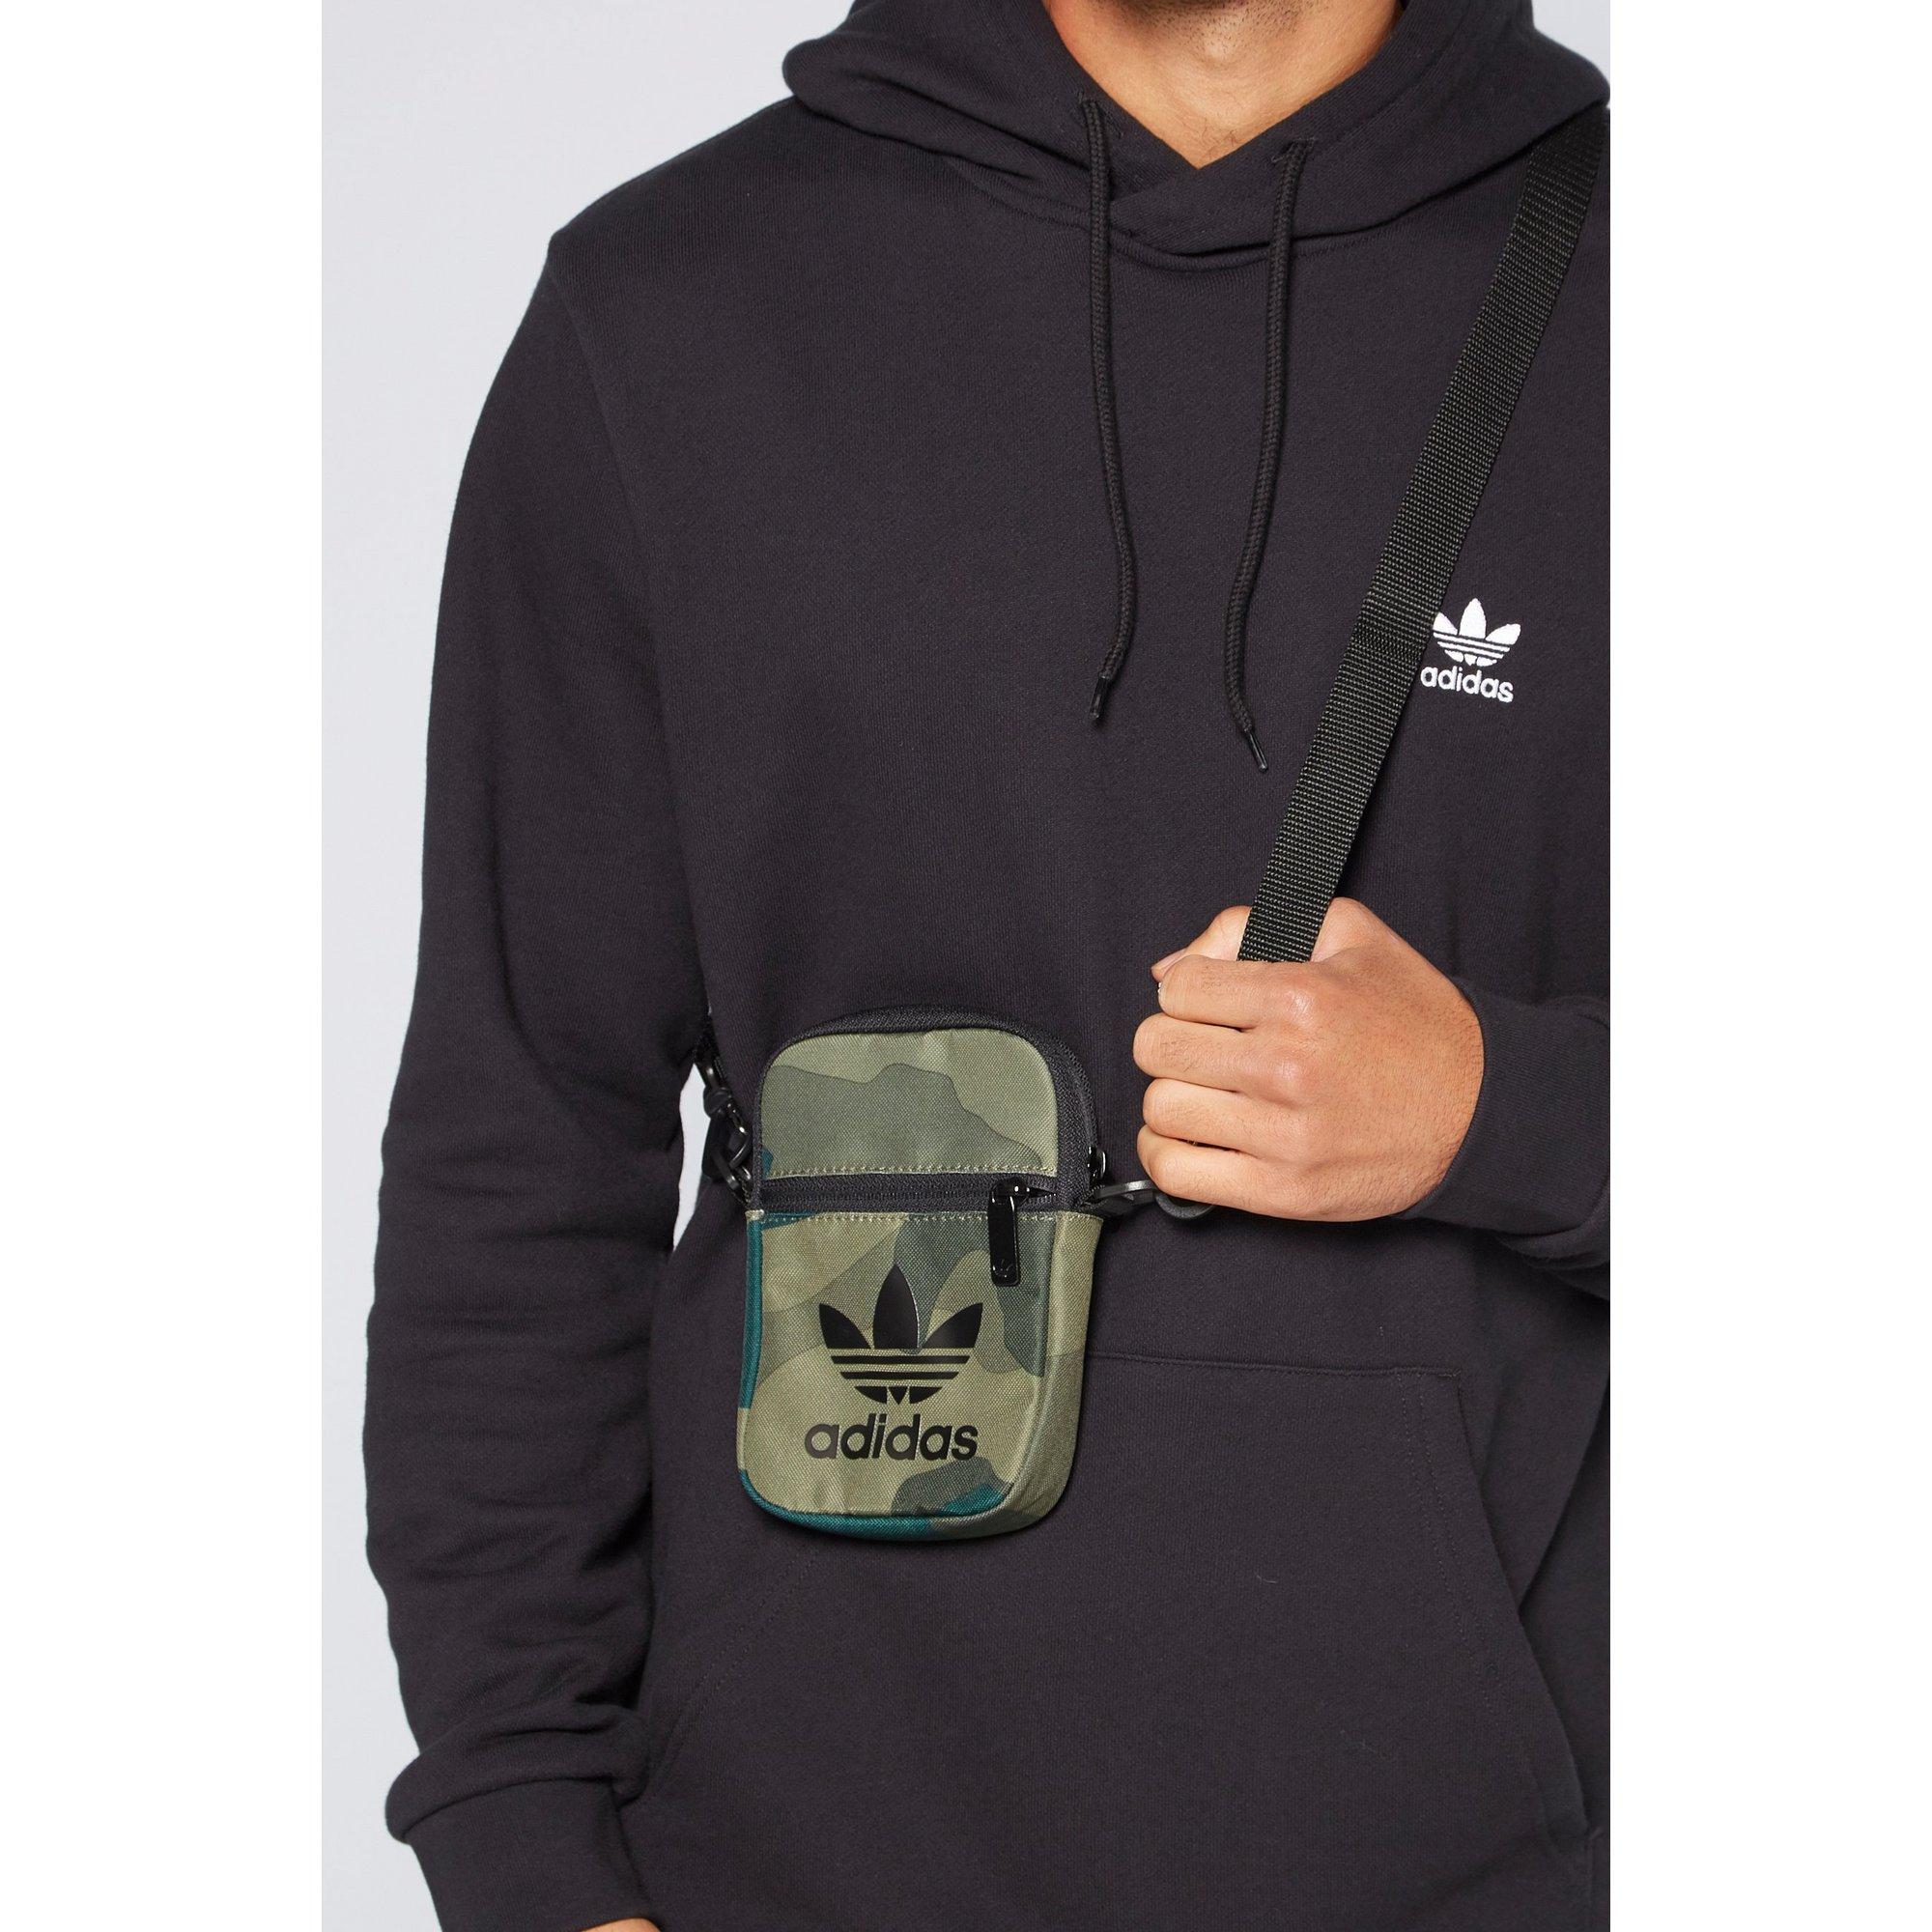 Image of adidas Originals Camo Crossbody Bag